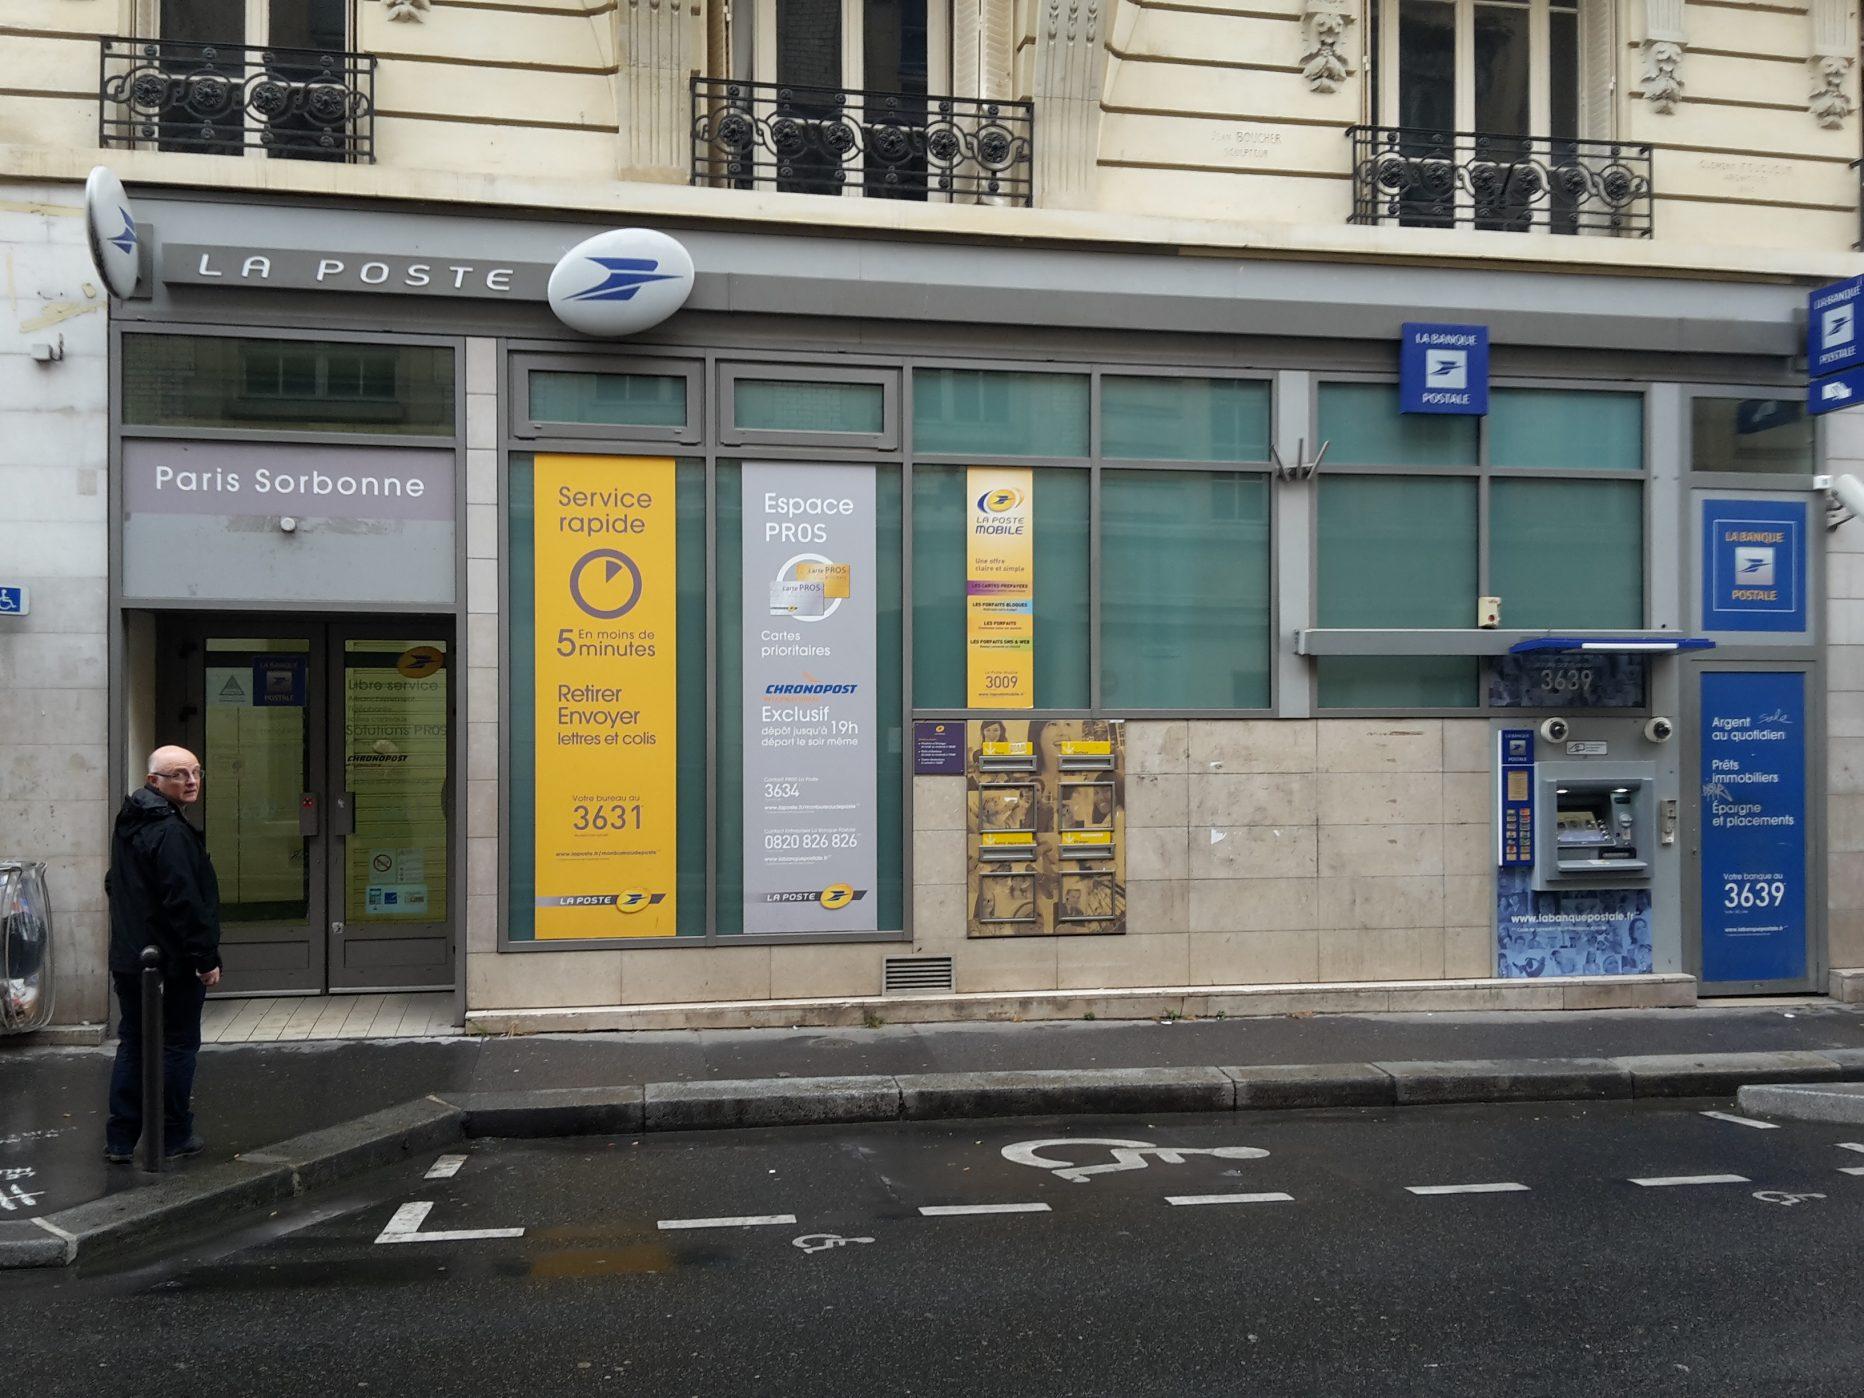 Bureau de poste paris sorbonne à paris en métro